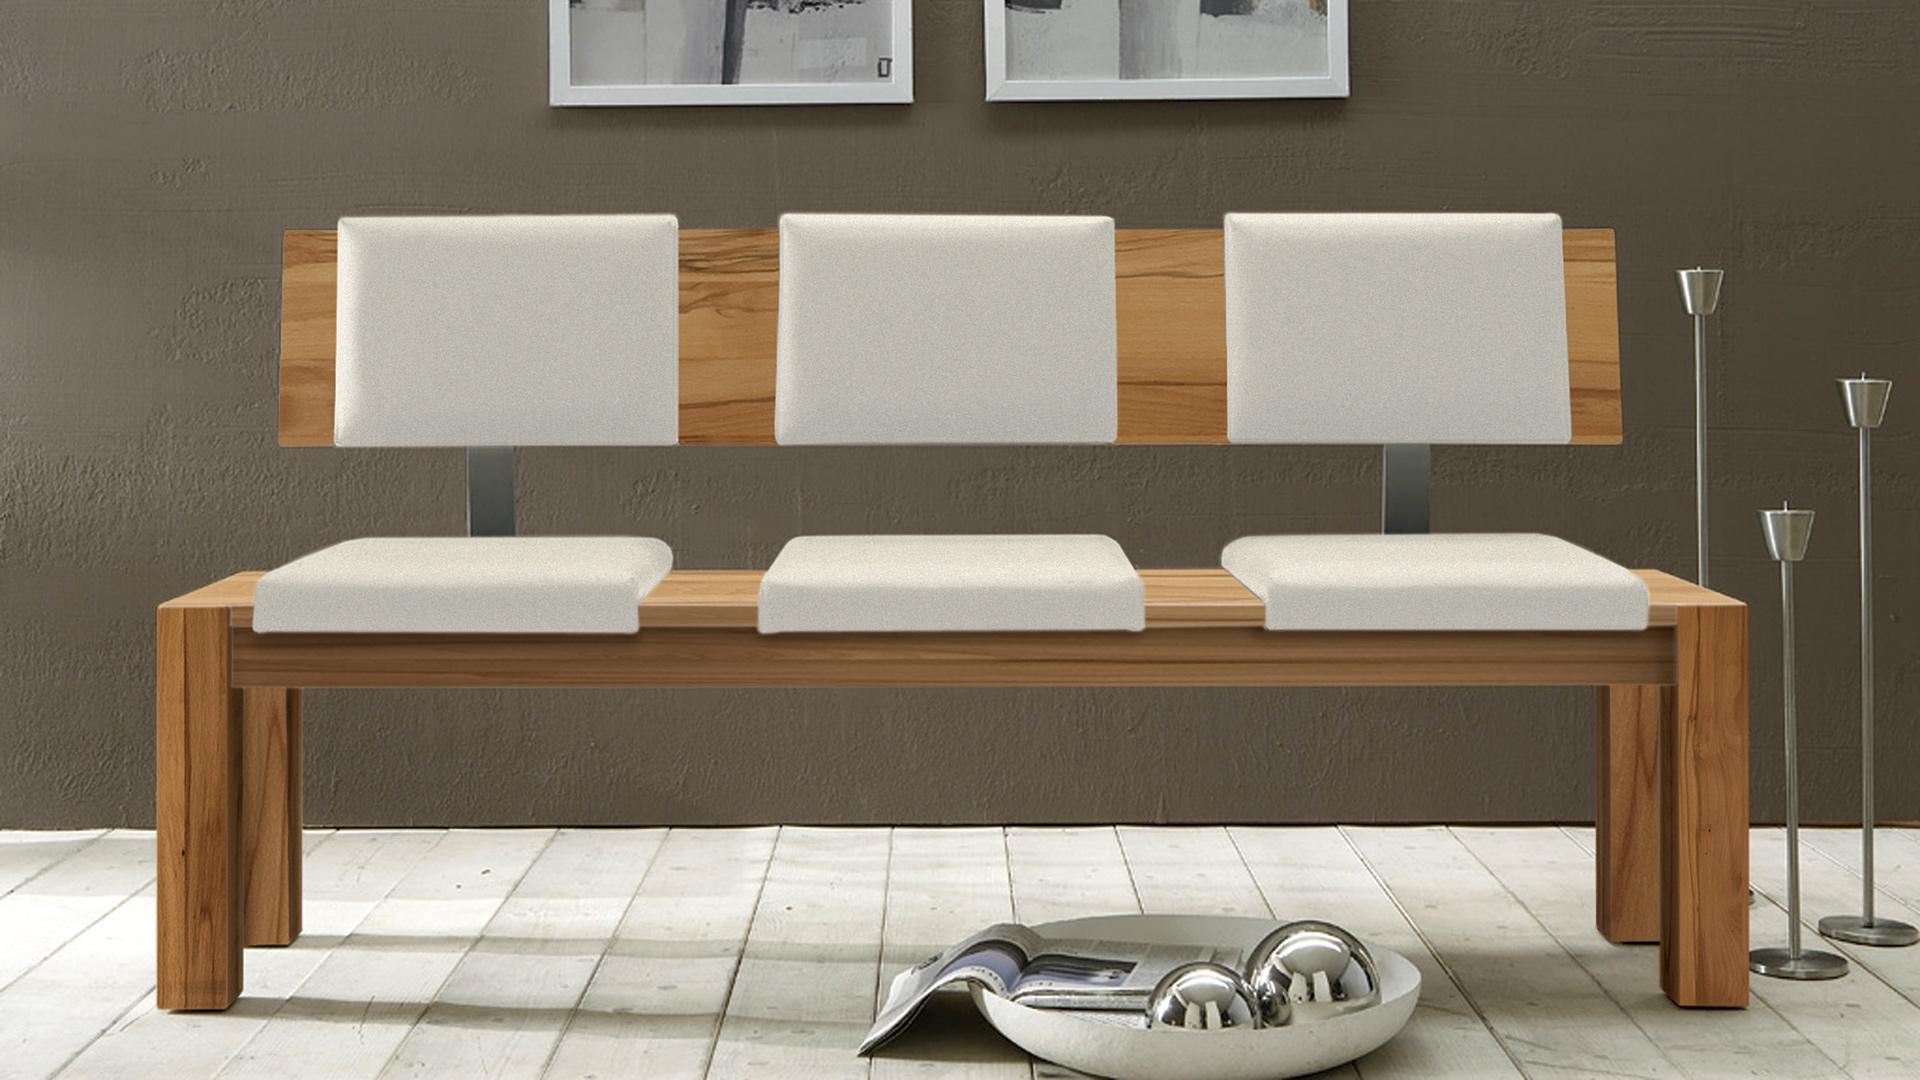 sitzbank mit lehne imago. Black Bedroom Furniture Sets. Home Design Ideas